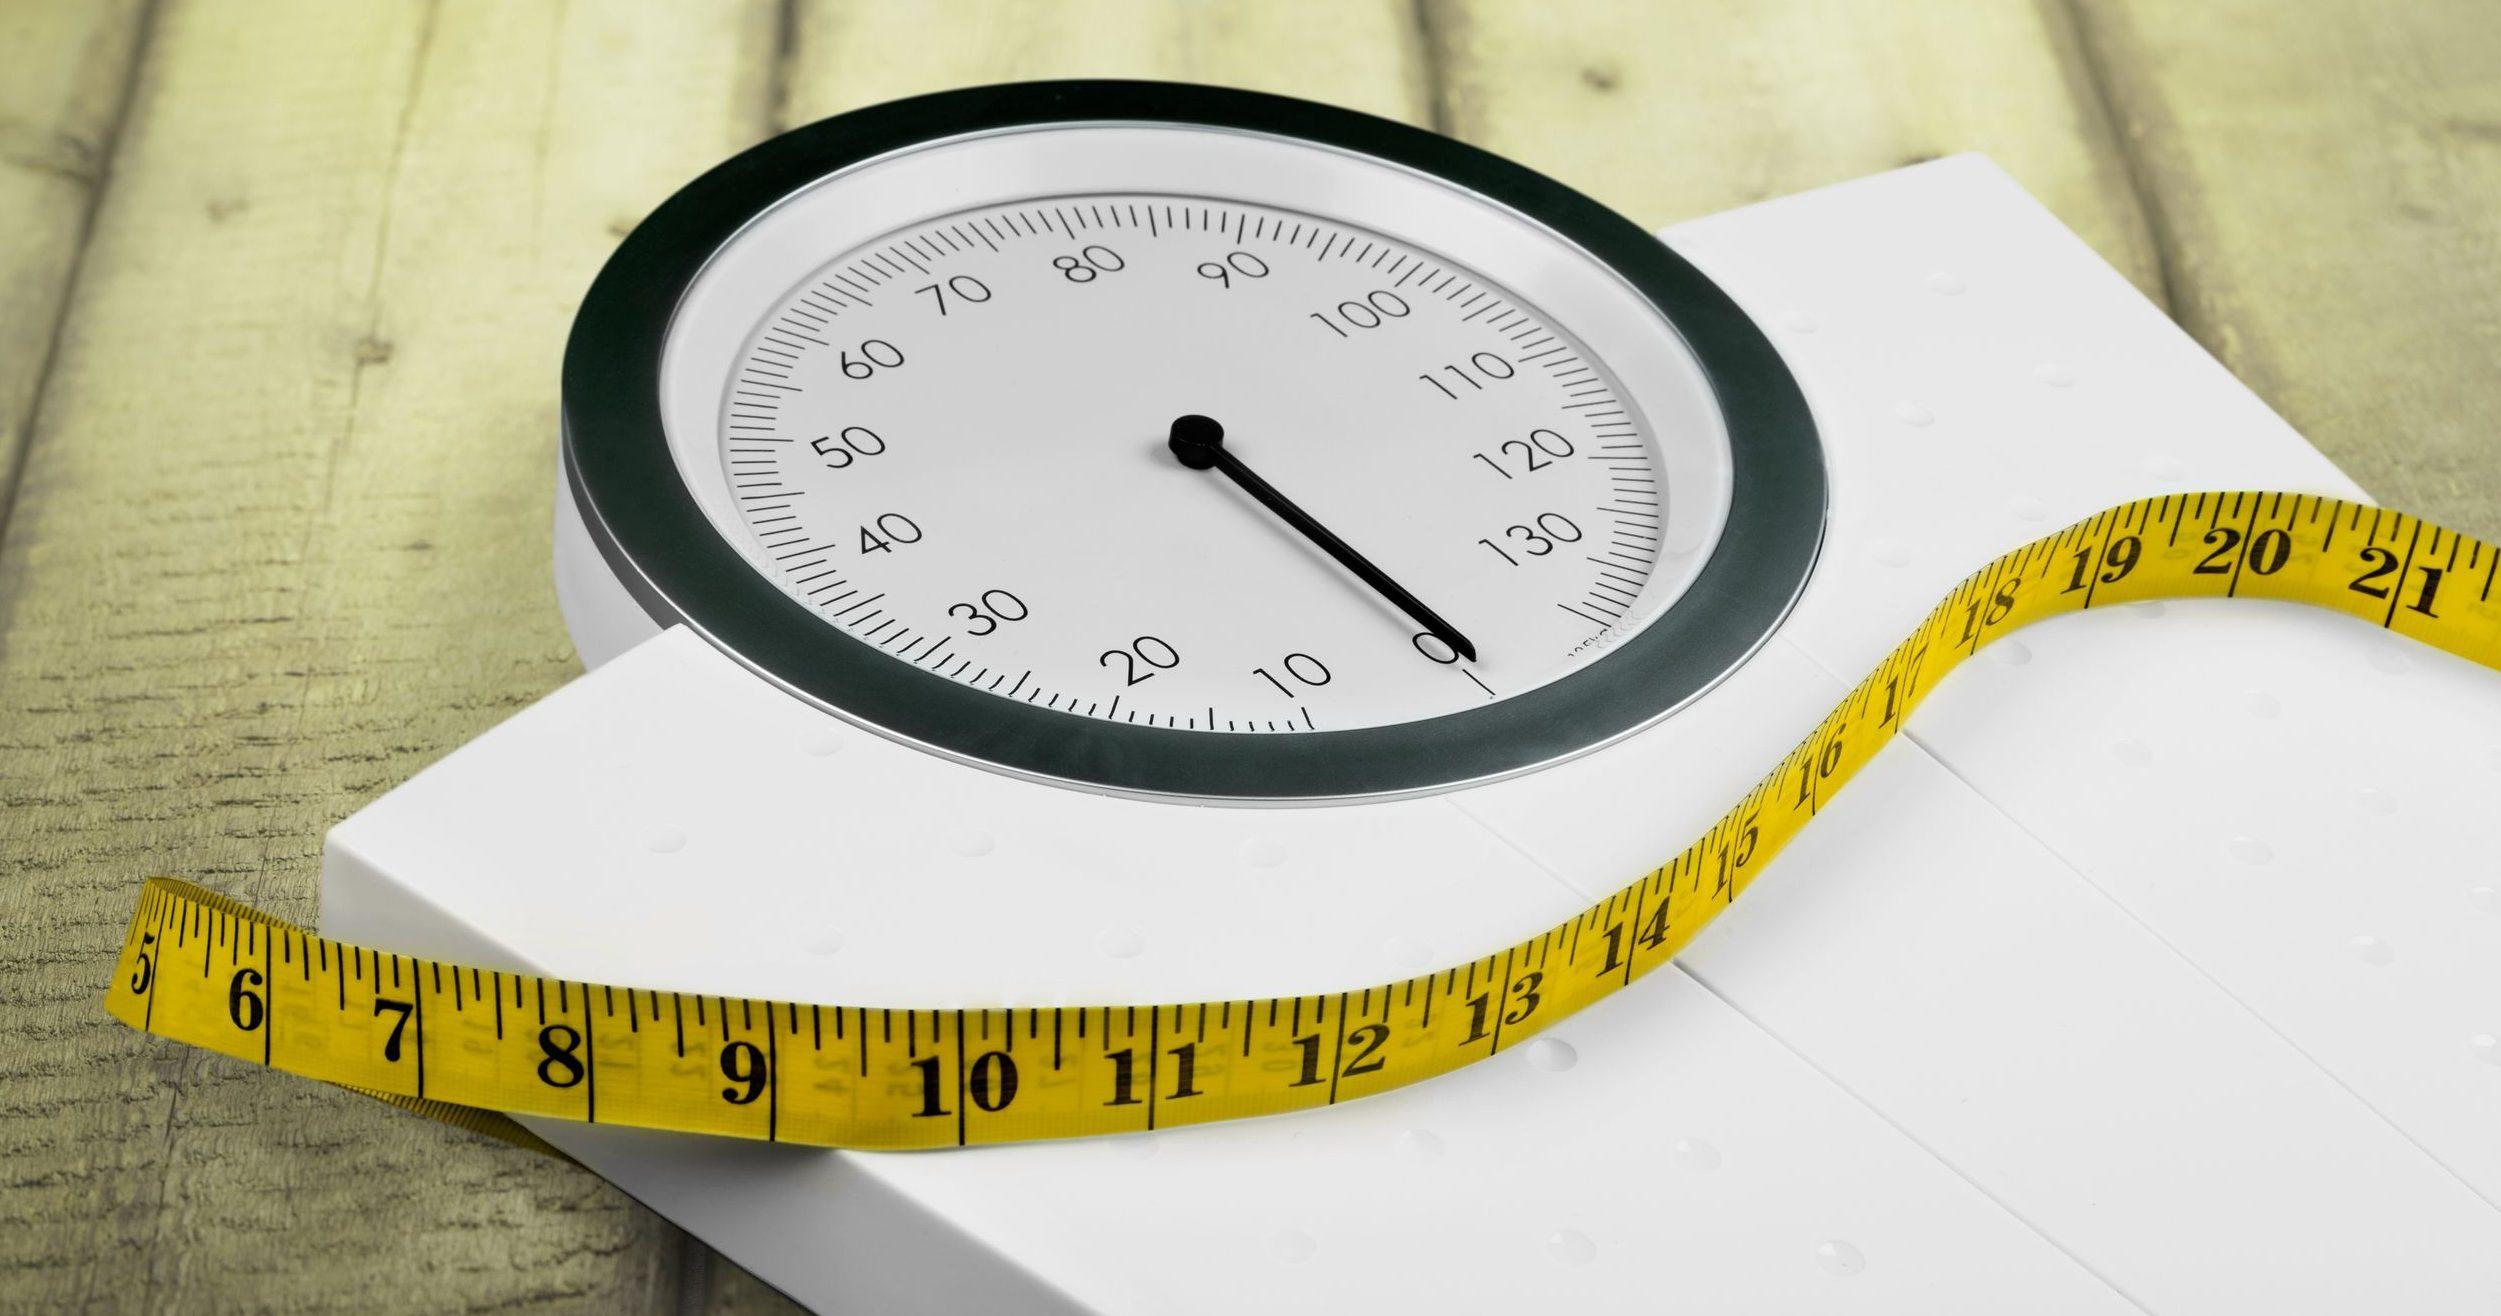 escala e fita métrica